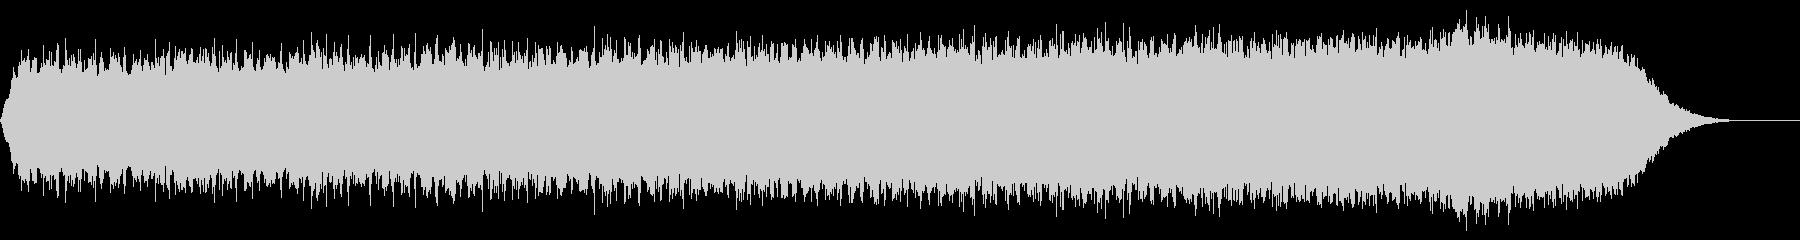 背景音(スリル)の未再生の波形